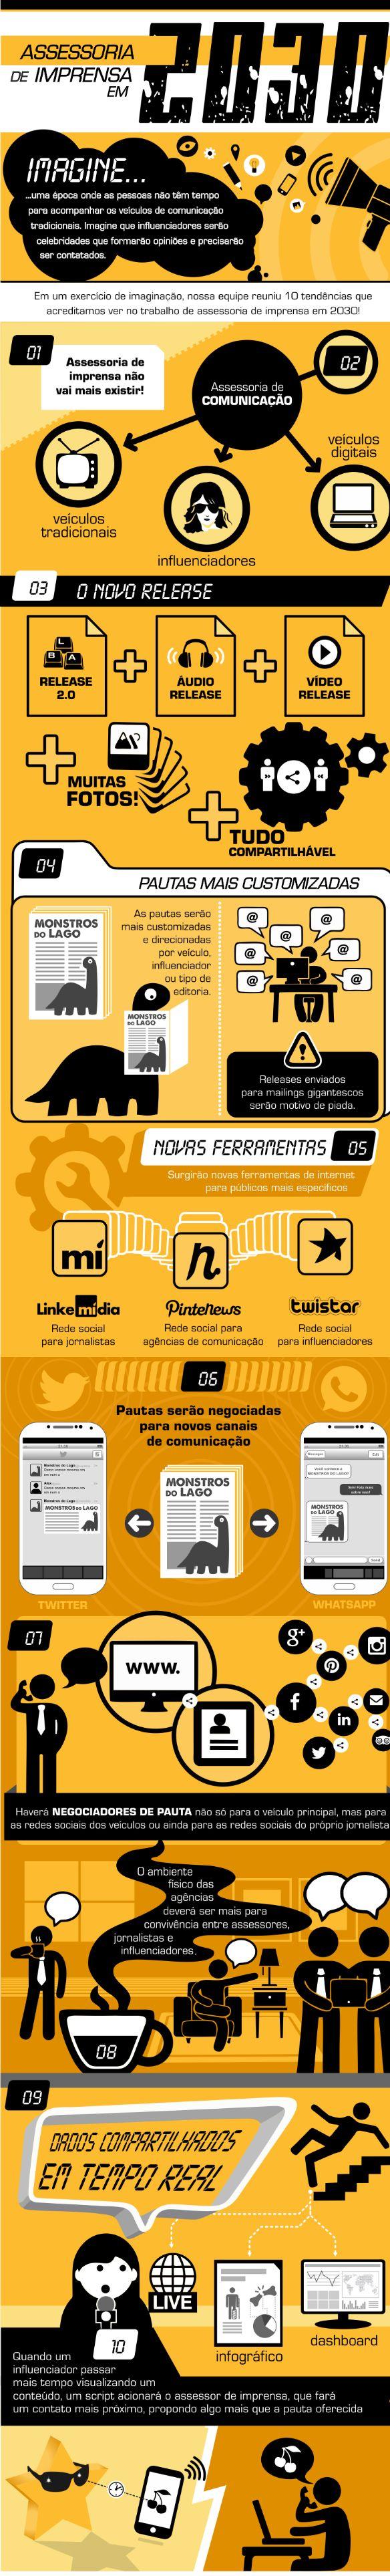 infografico_assessoria-2030